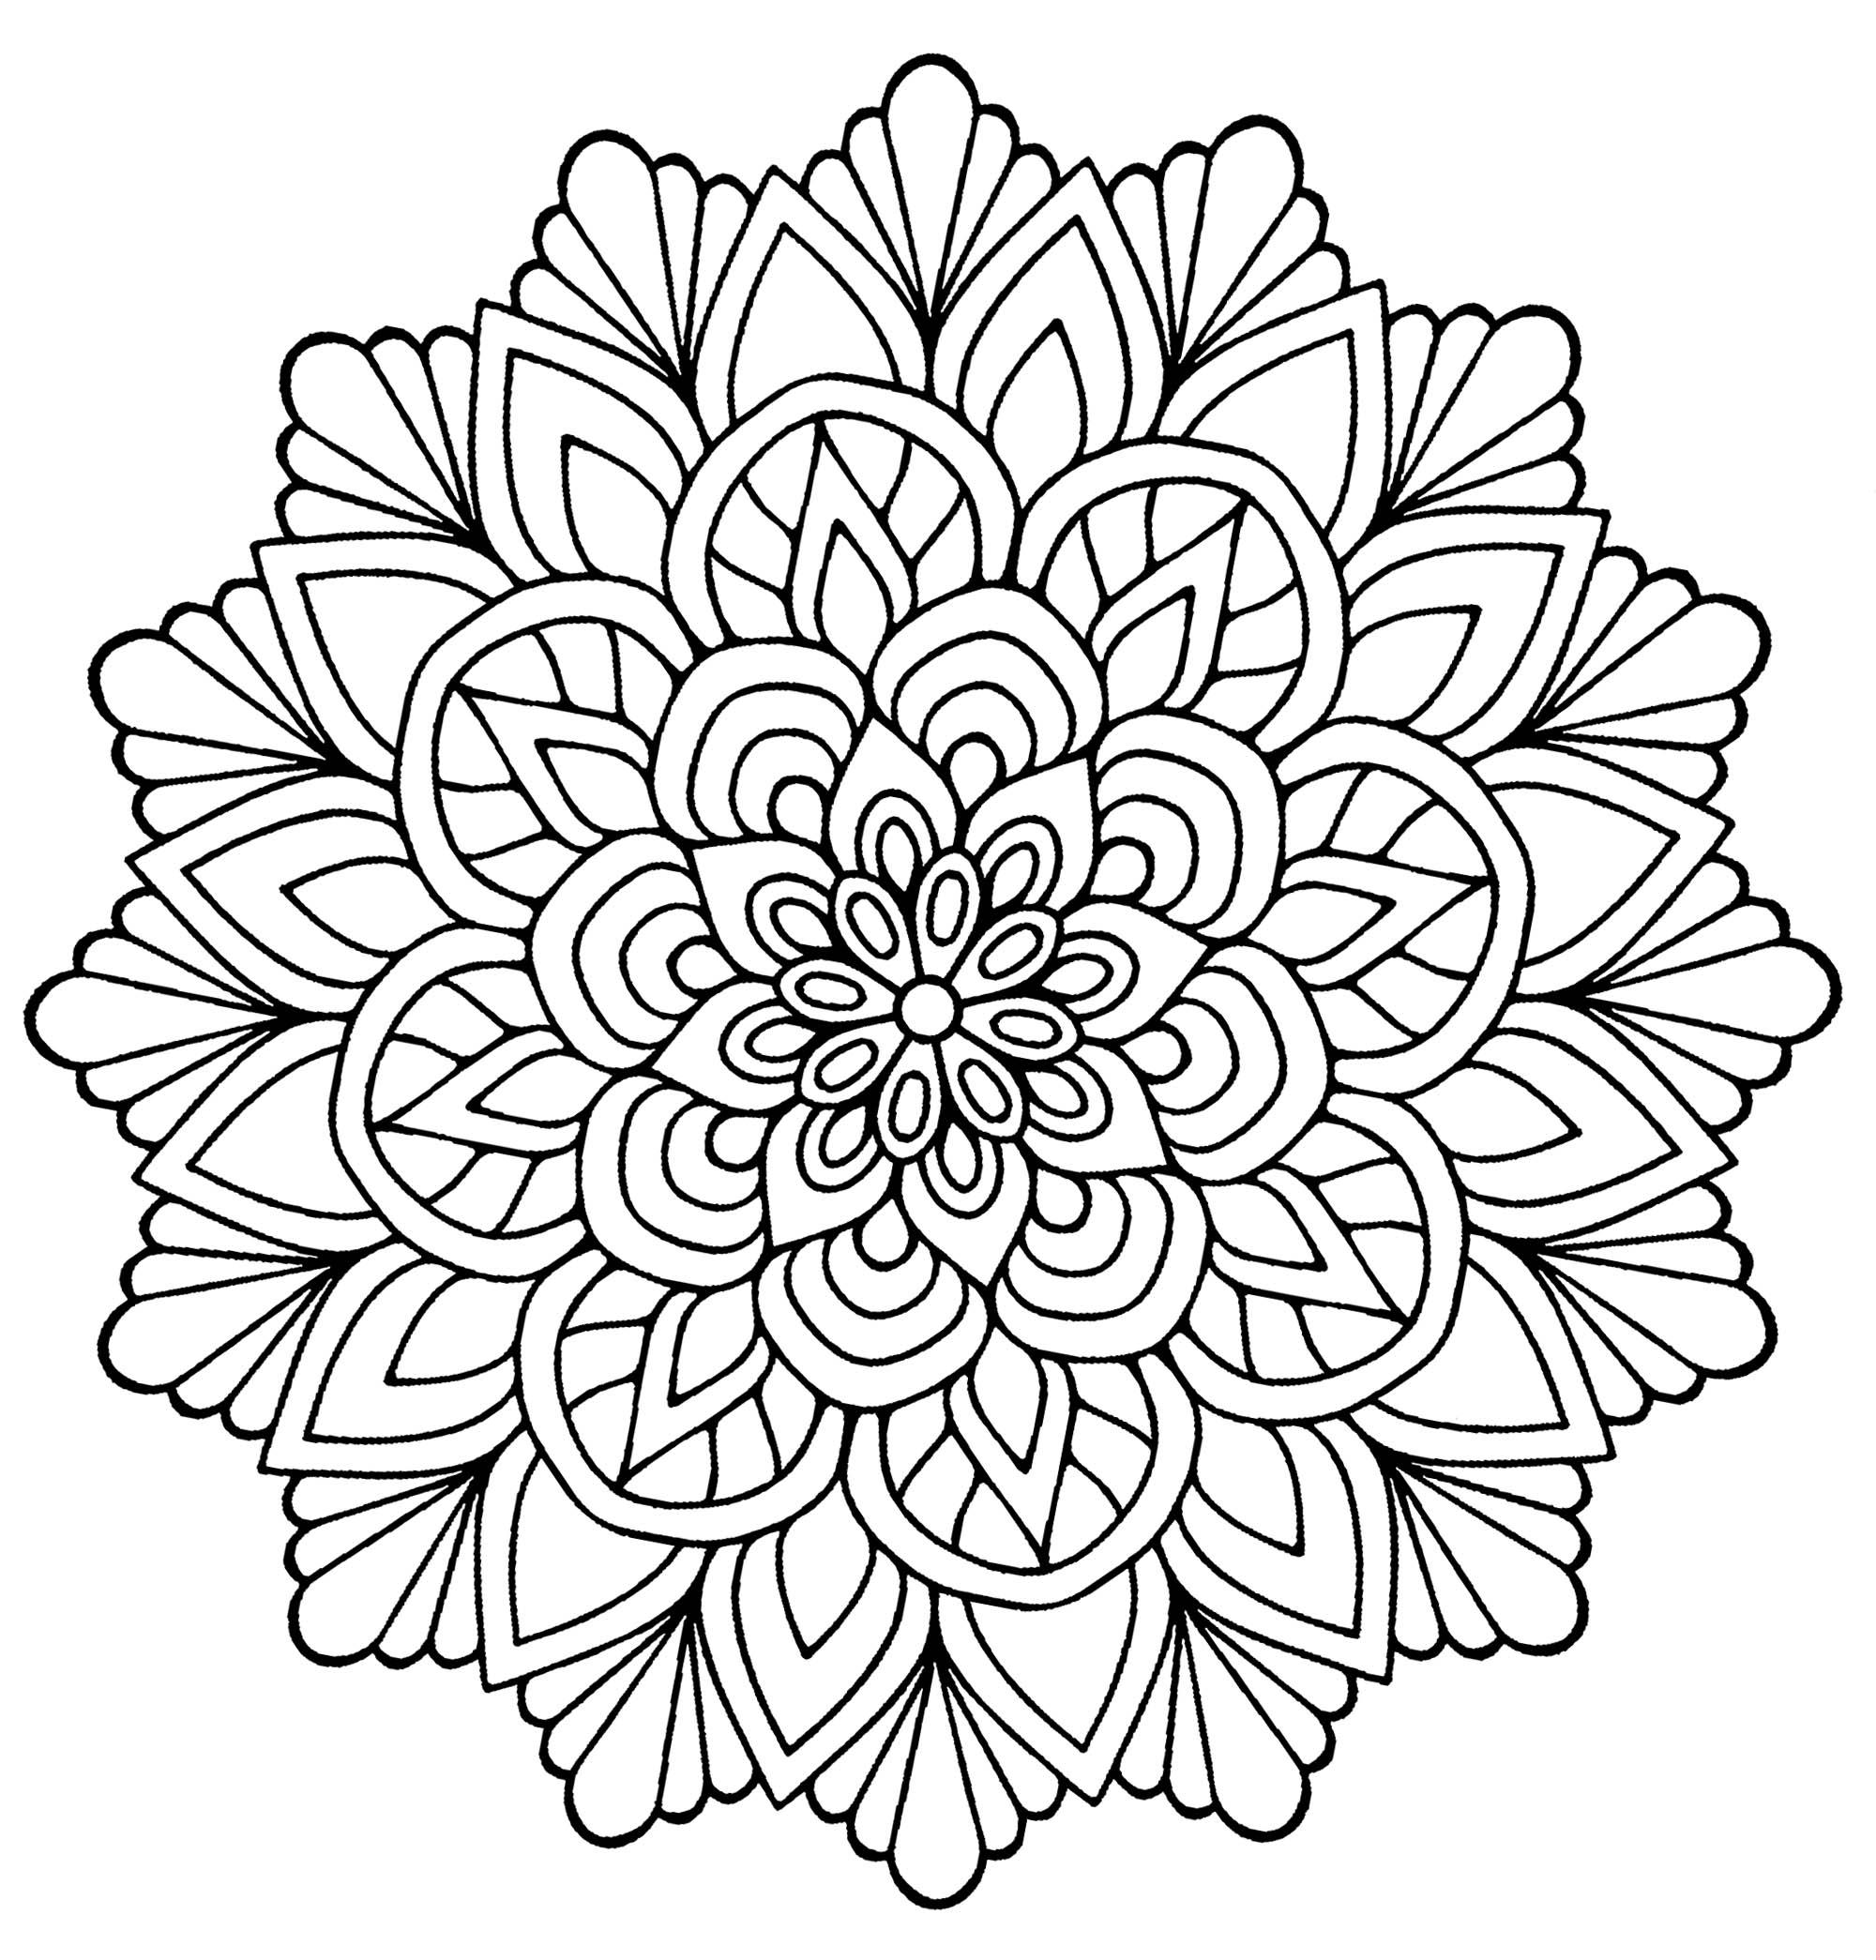 Mandala flower with leaves - Mandalas - Just Tattoo